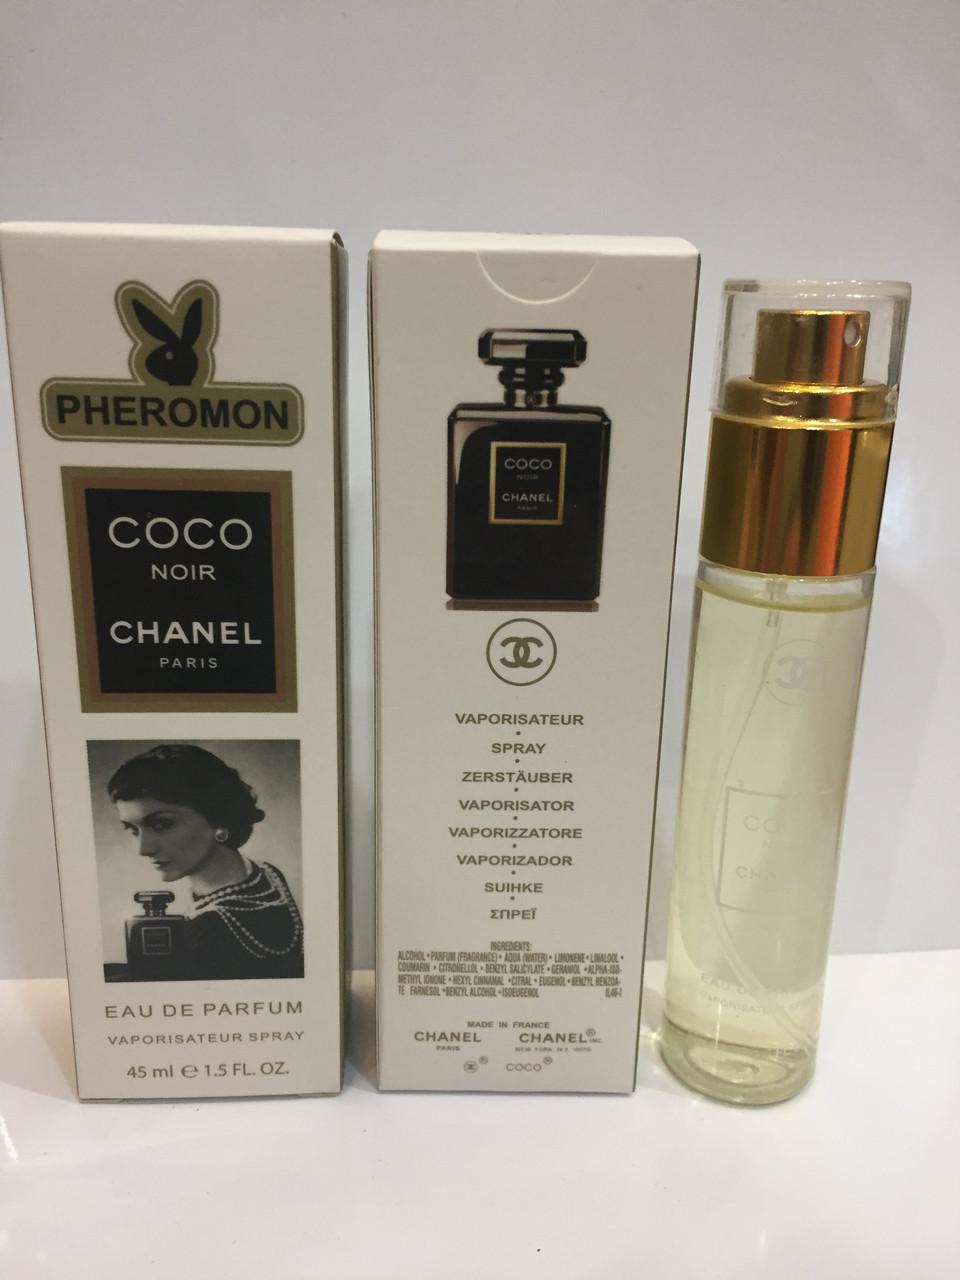 Мини парфюм женский с феромонами Chanel Coco Noir (Шанель Коко Нуар) 45 мл